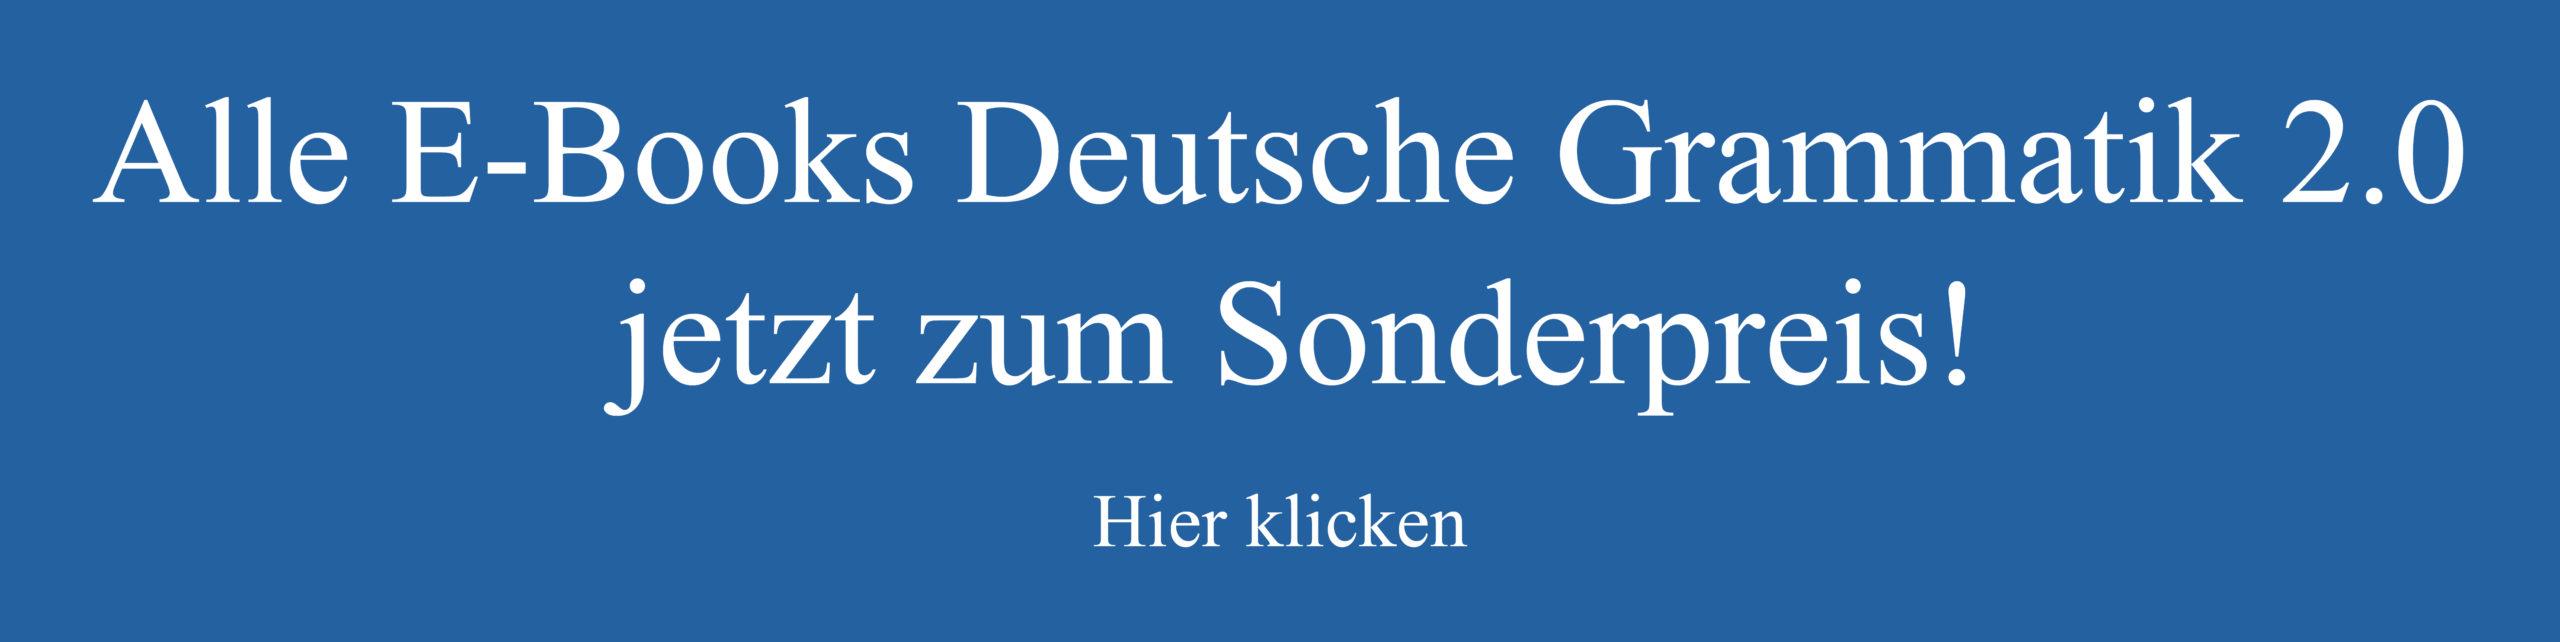 Download E-Book-Paket Deutsche Grammatik 2.0